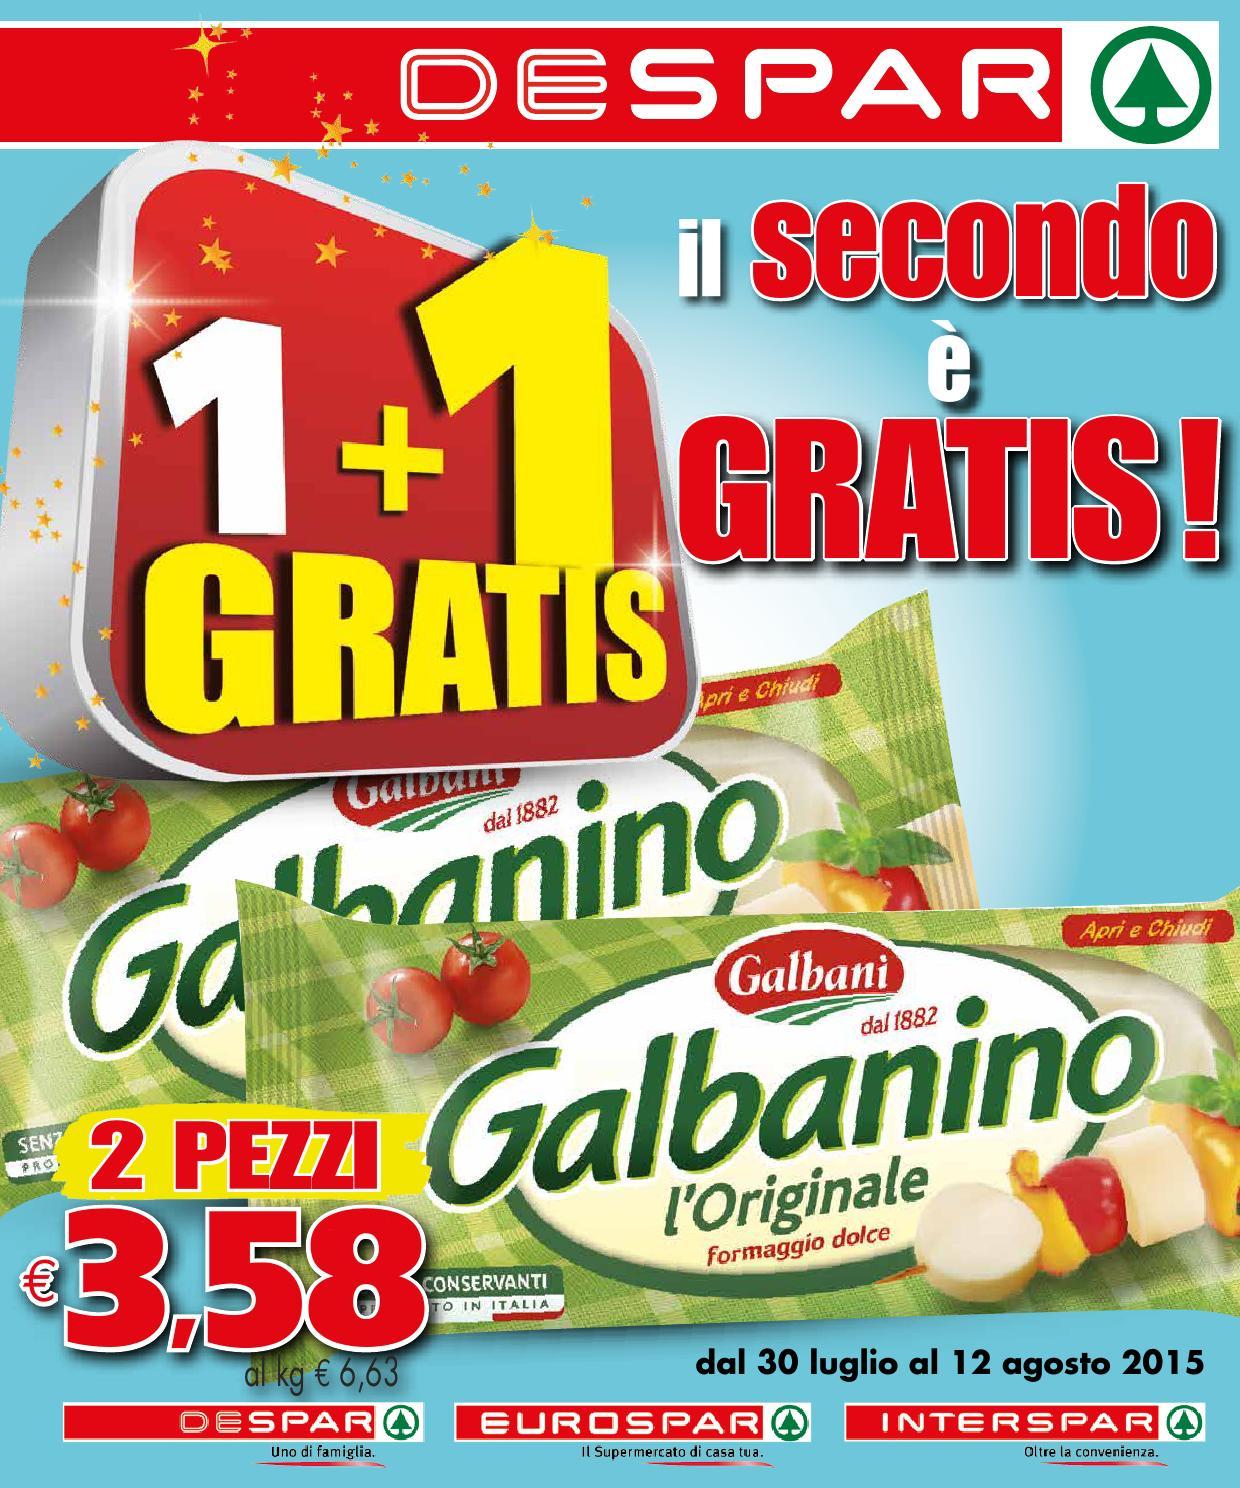 Volantino despar 30 luglio 12 agosto 2015 by despar for Bernava volantino messina